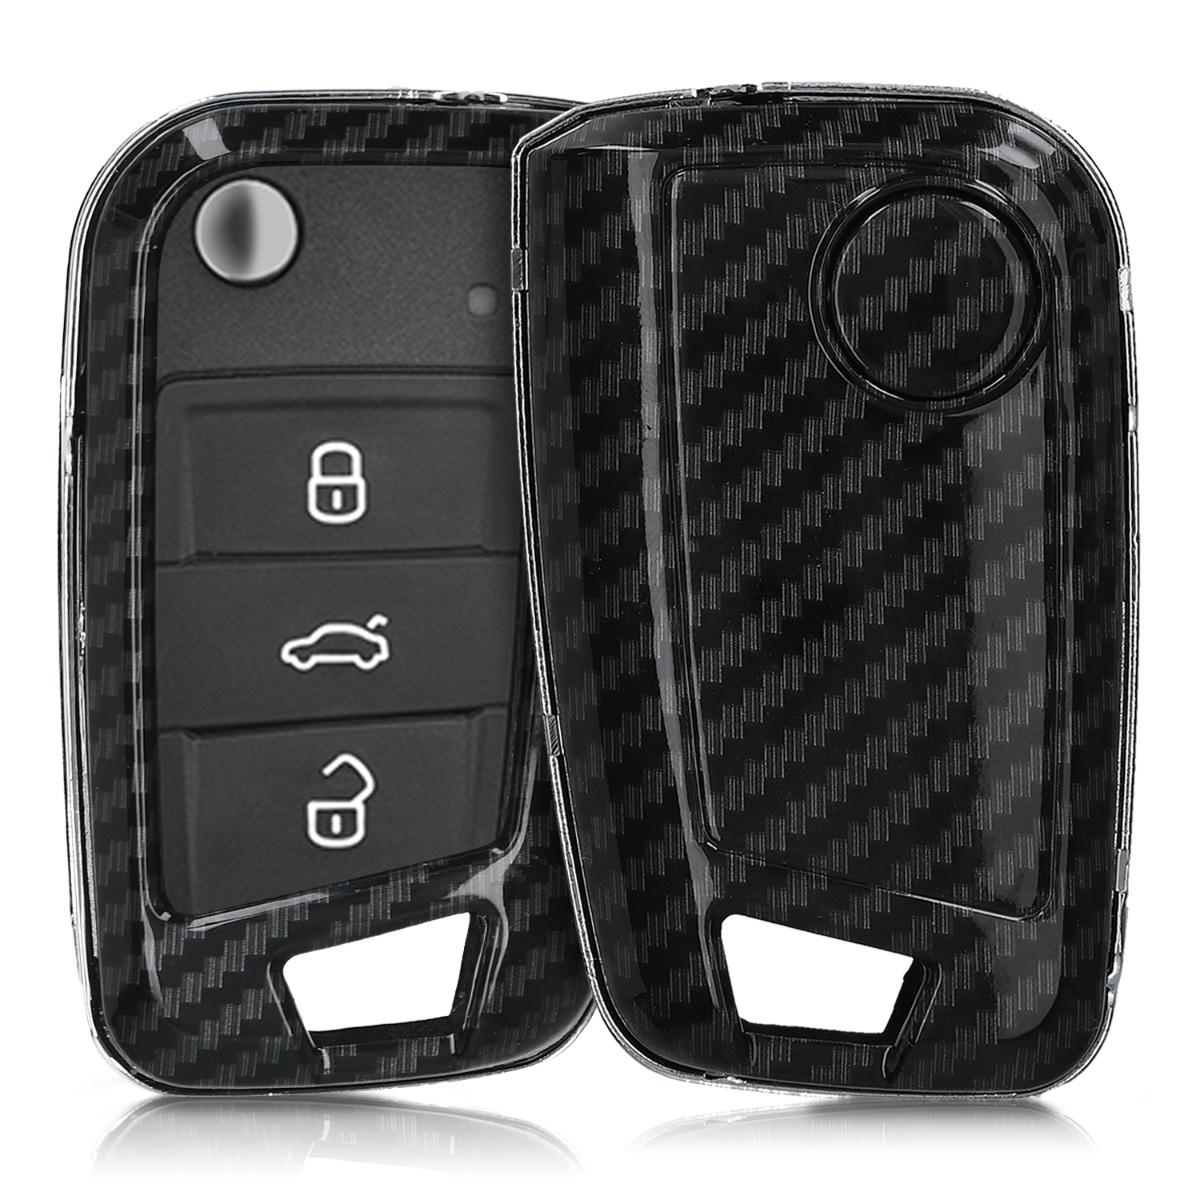 KW Σκληρή Θήκη Κλειδιού VW Golf 7 MK7 - 3 Κουμπιά - Black (49668.01)